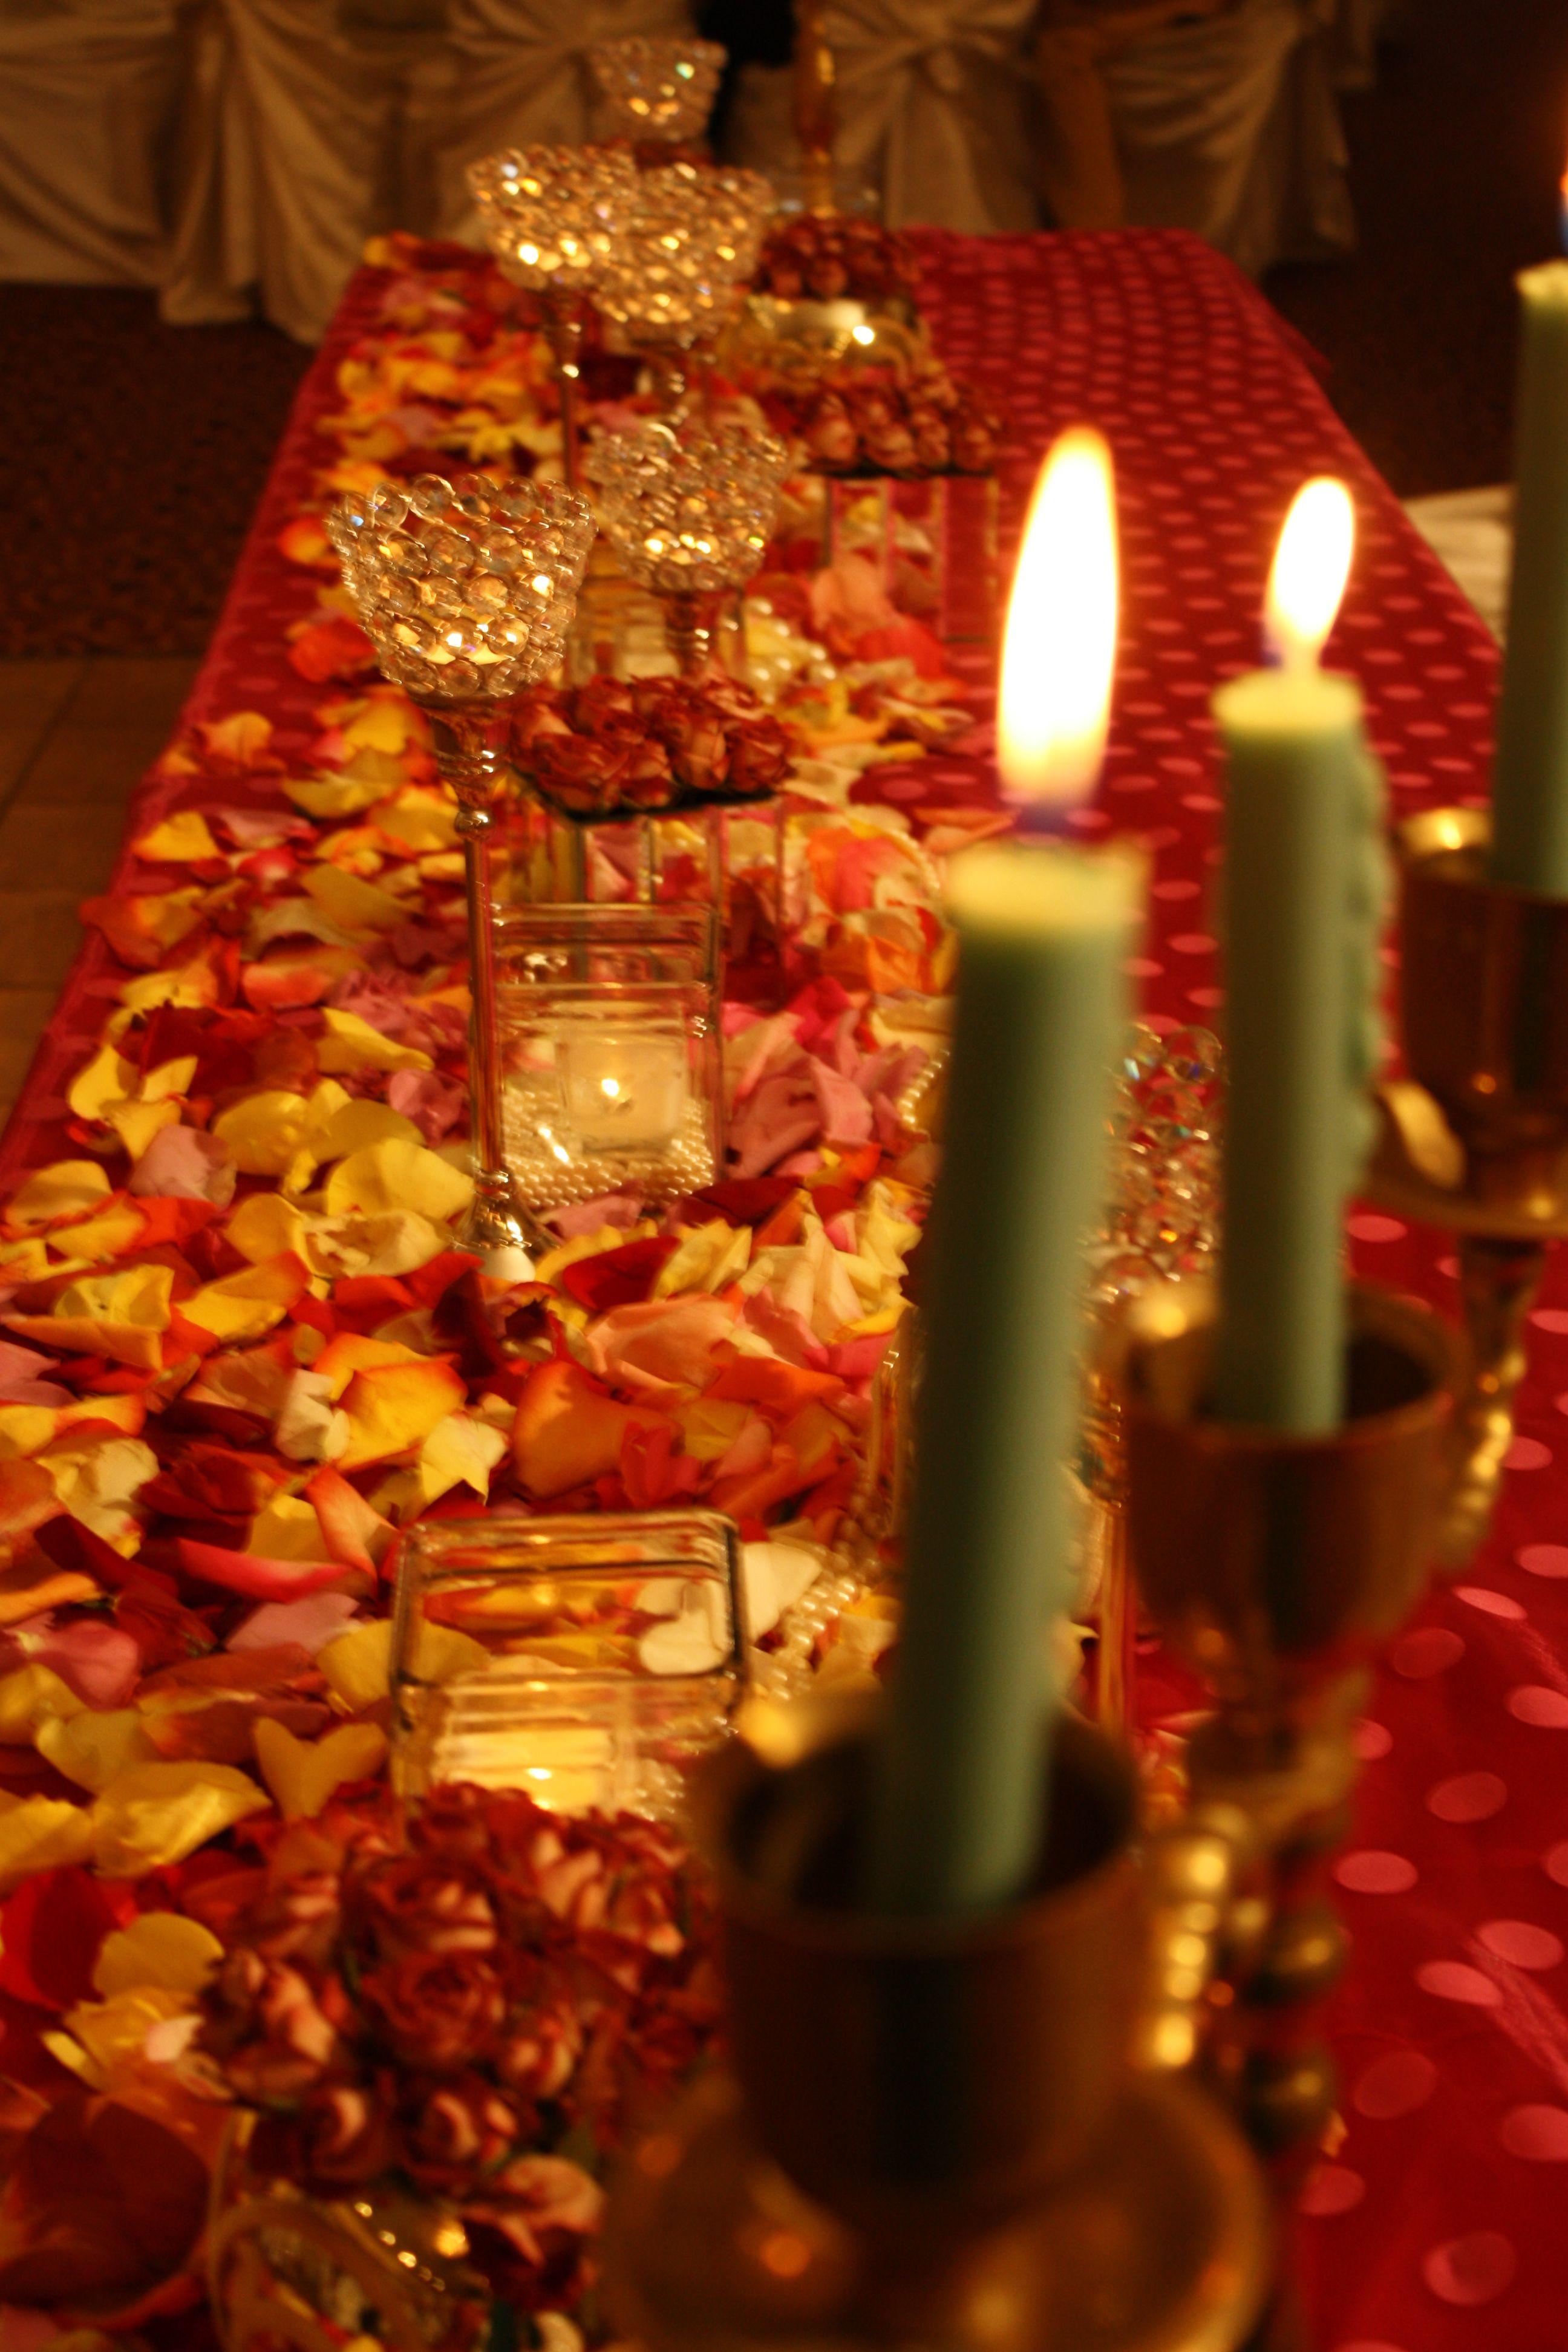 Head table display wwwlaxstatescom Head table display